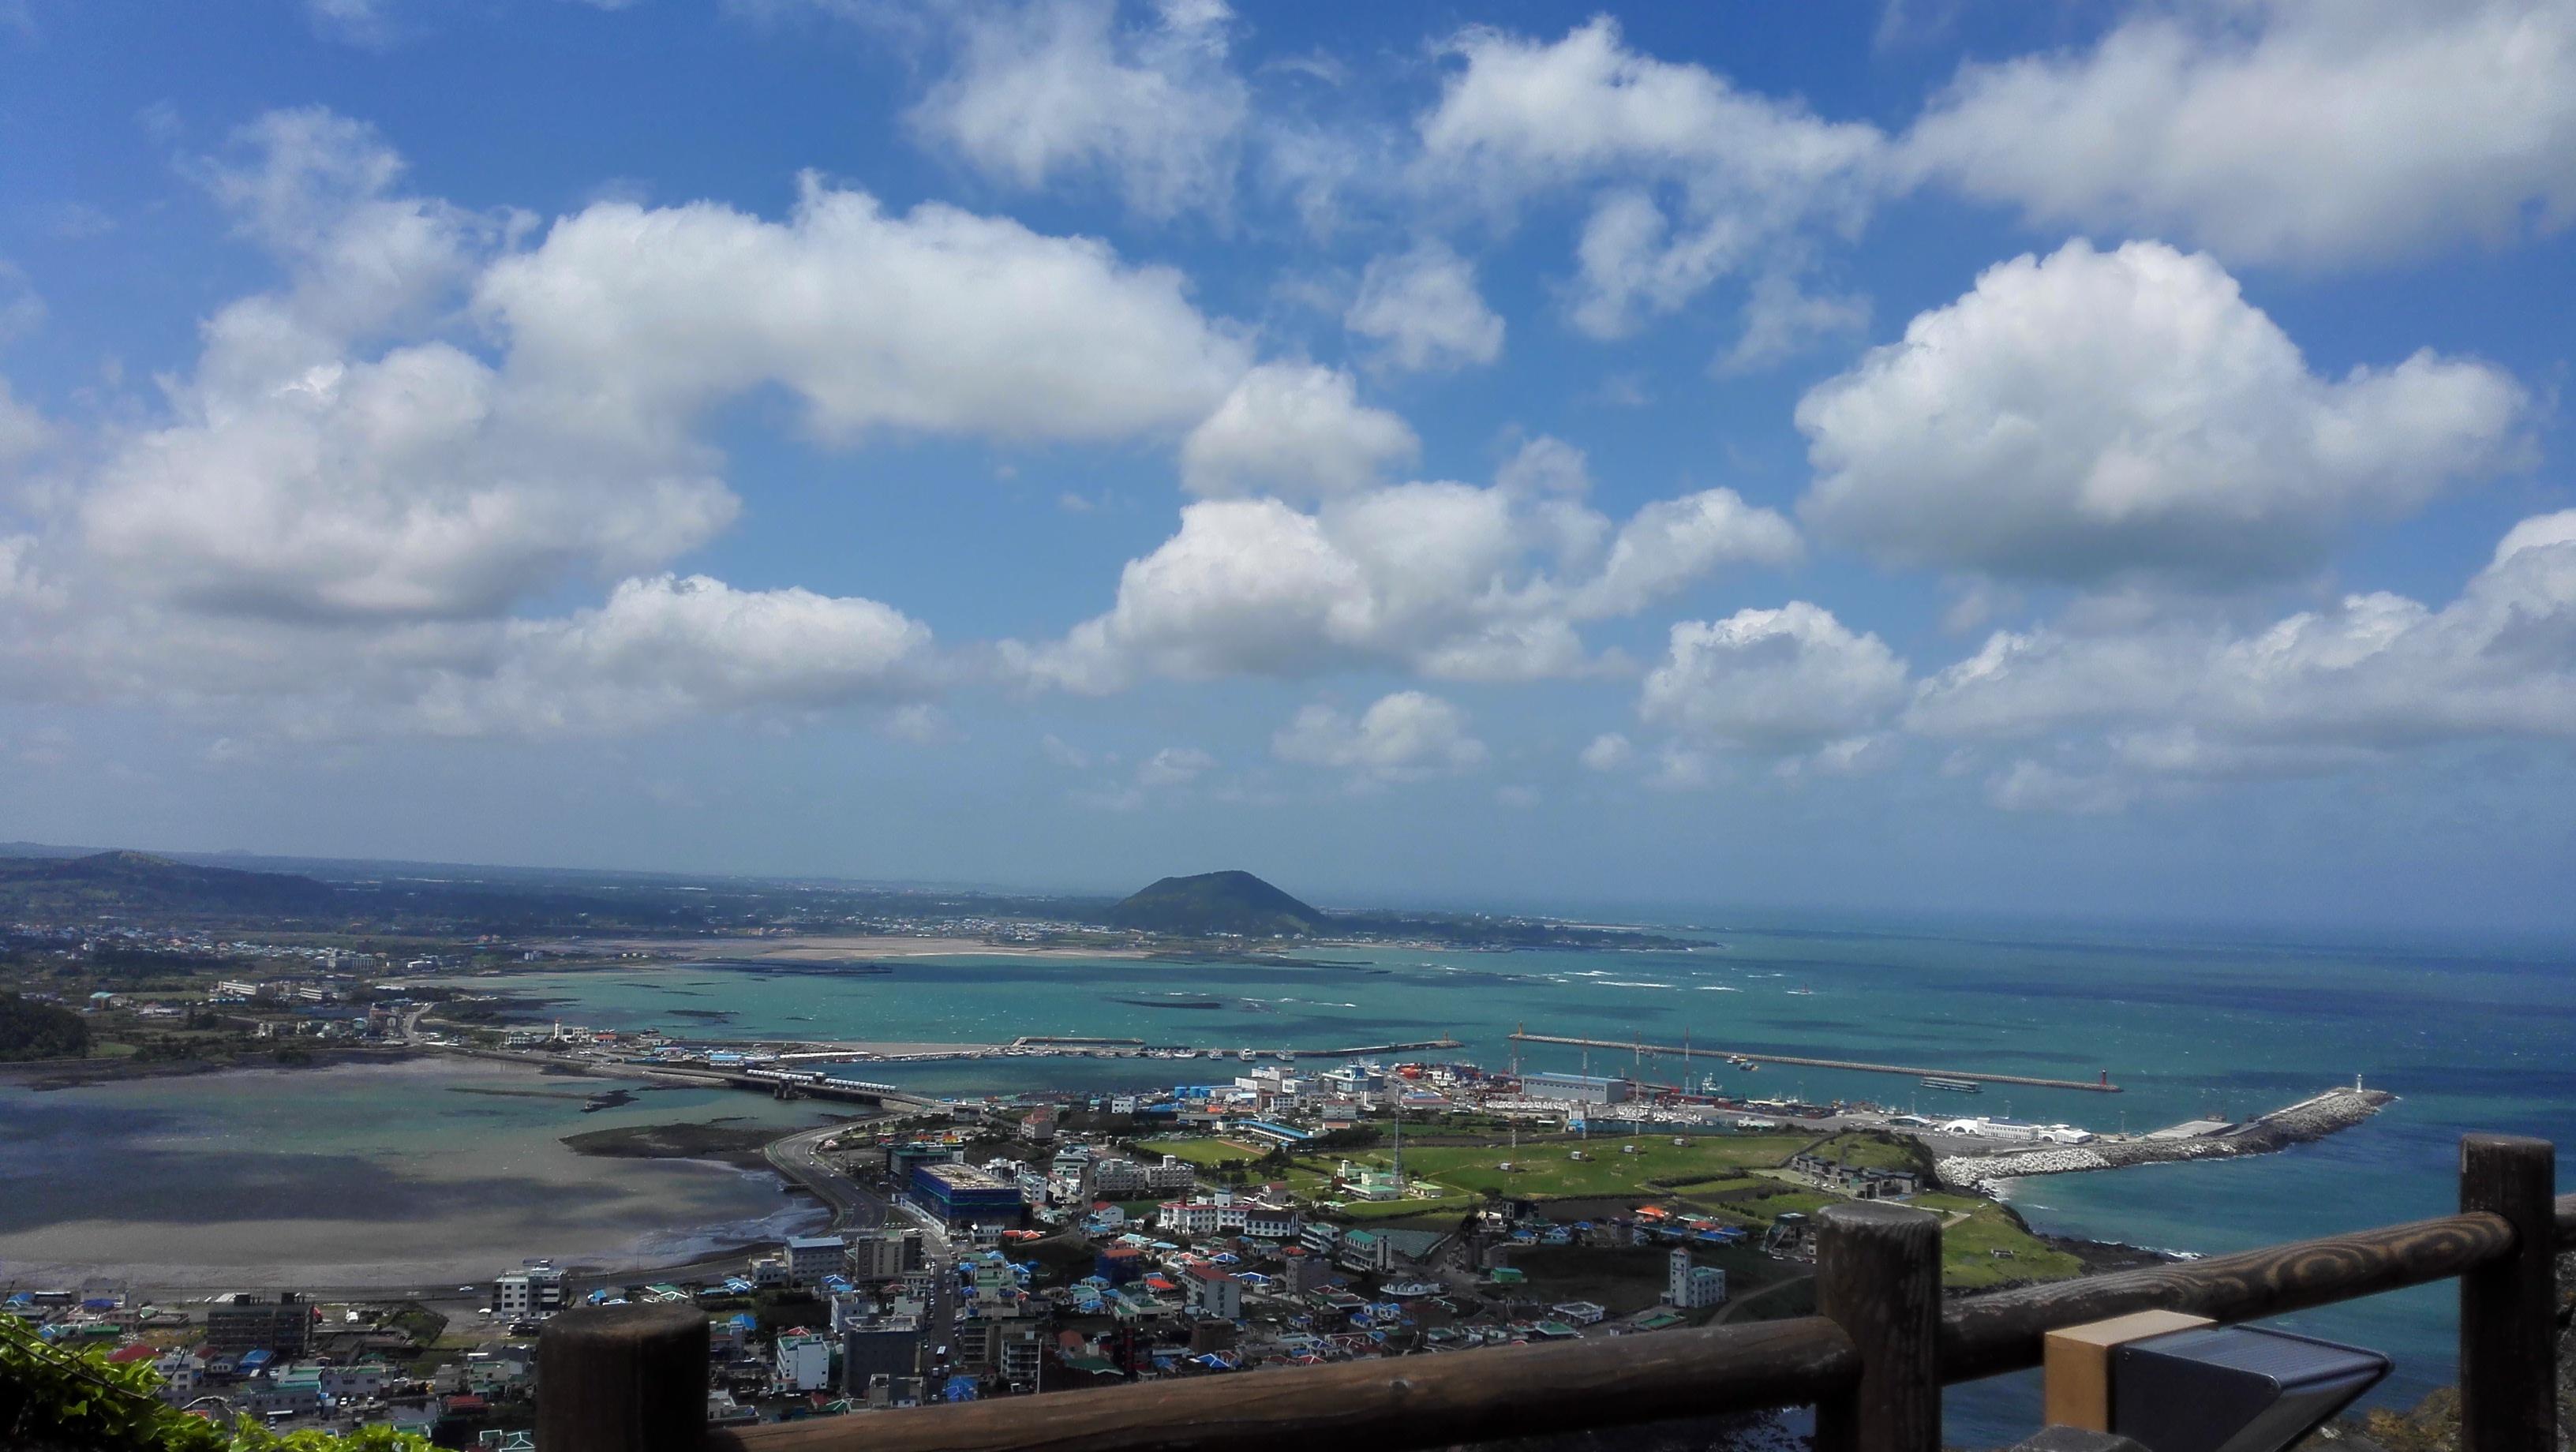 很满意 济州岛的风光美不胜收,很干净,人民很友好,美中不足的是酒店